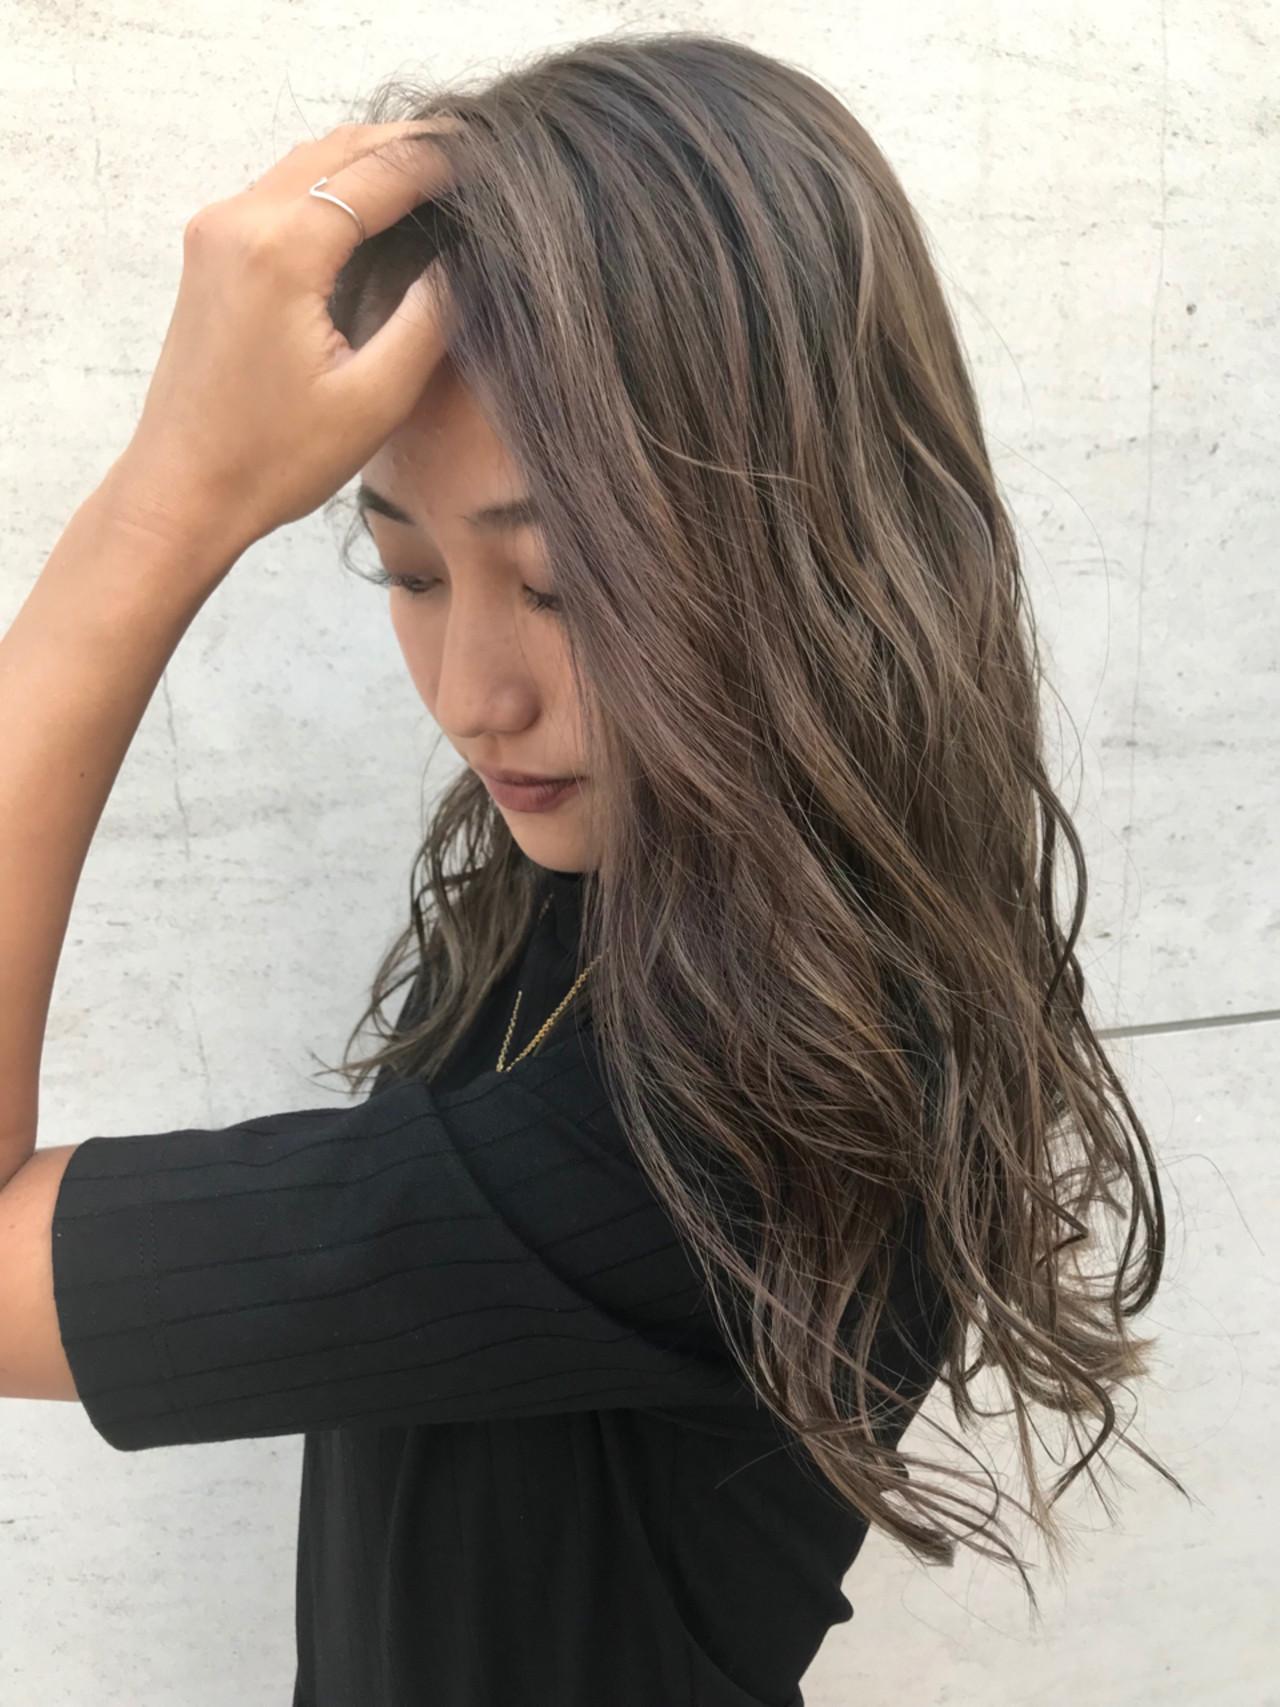 ハイトーン ハイライト 外国人風 アンニュイ ヘアスタイルや髪型の写真・画像